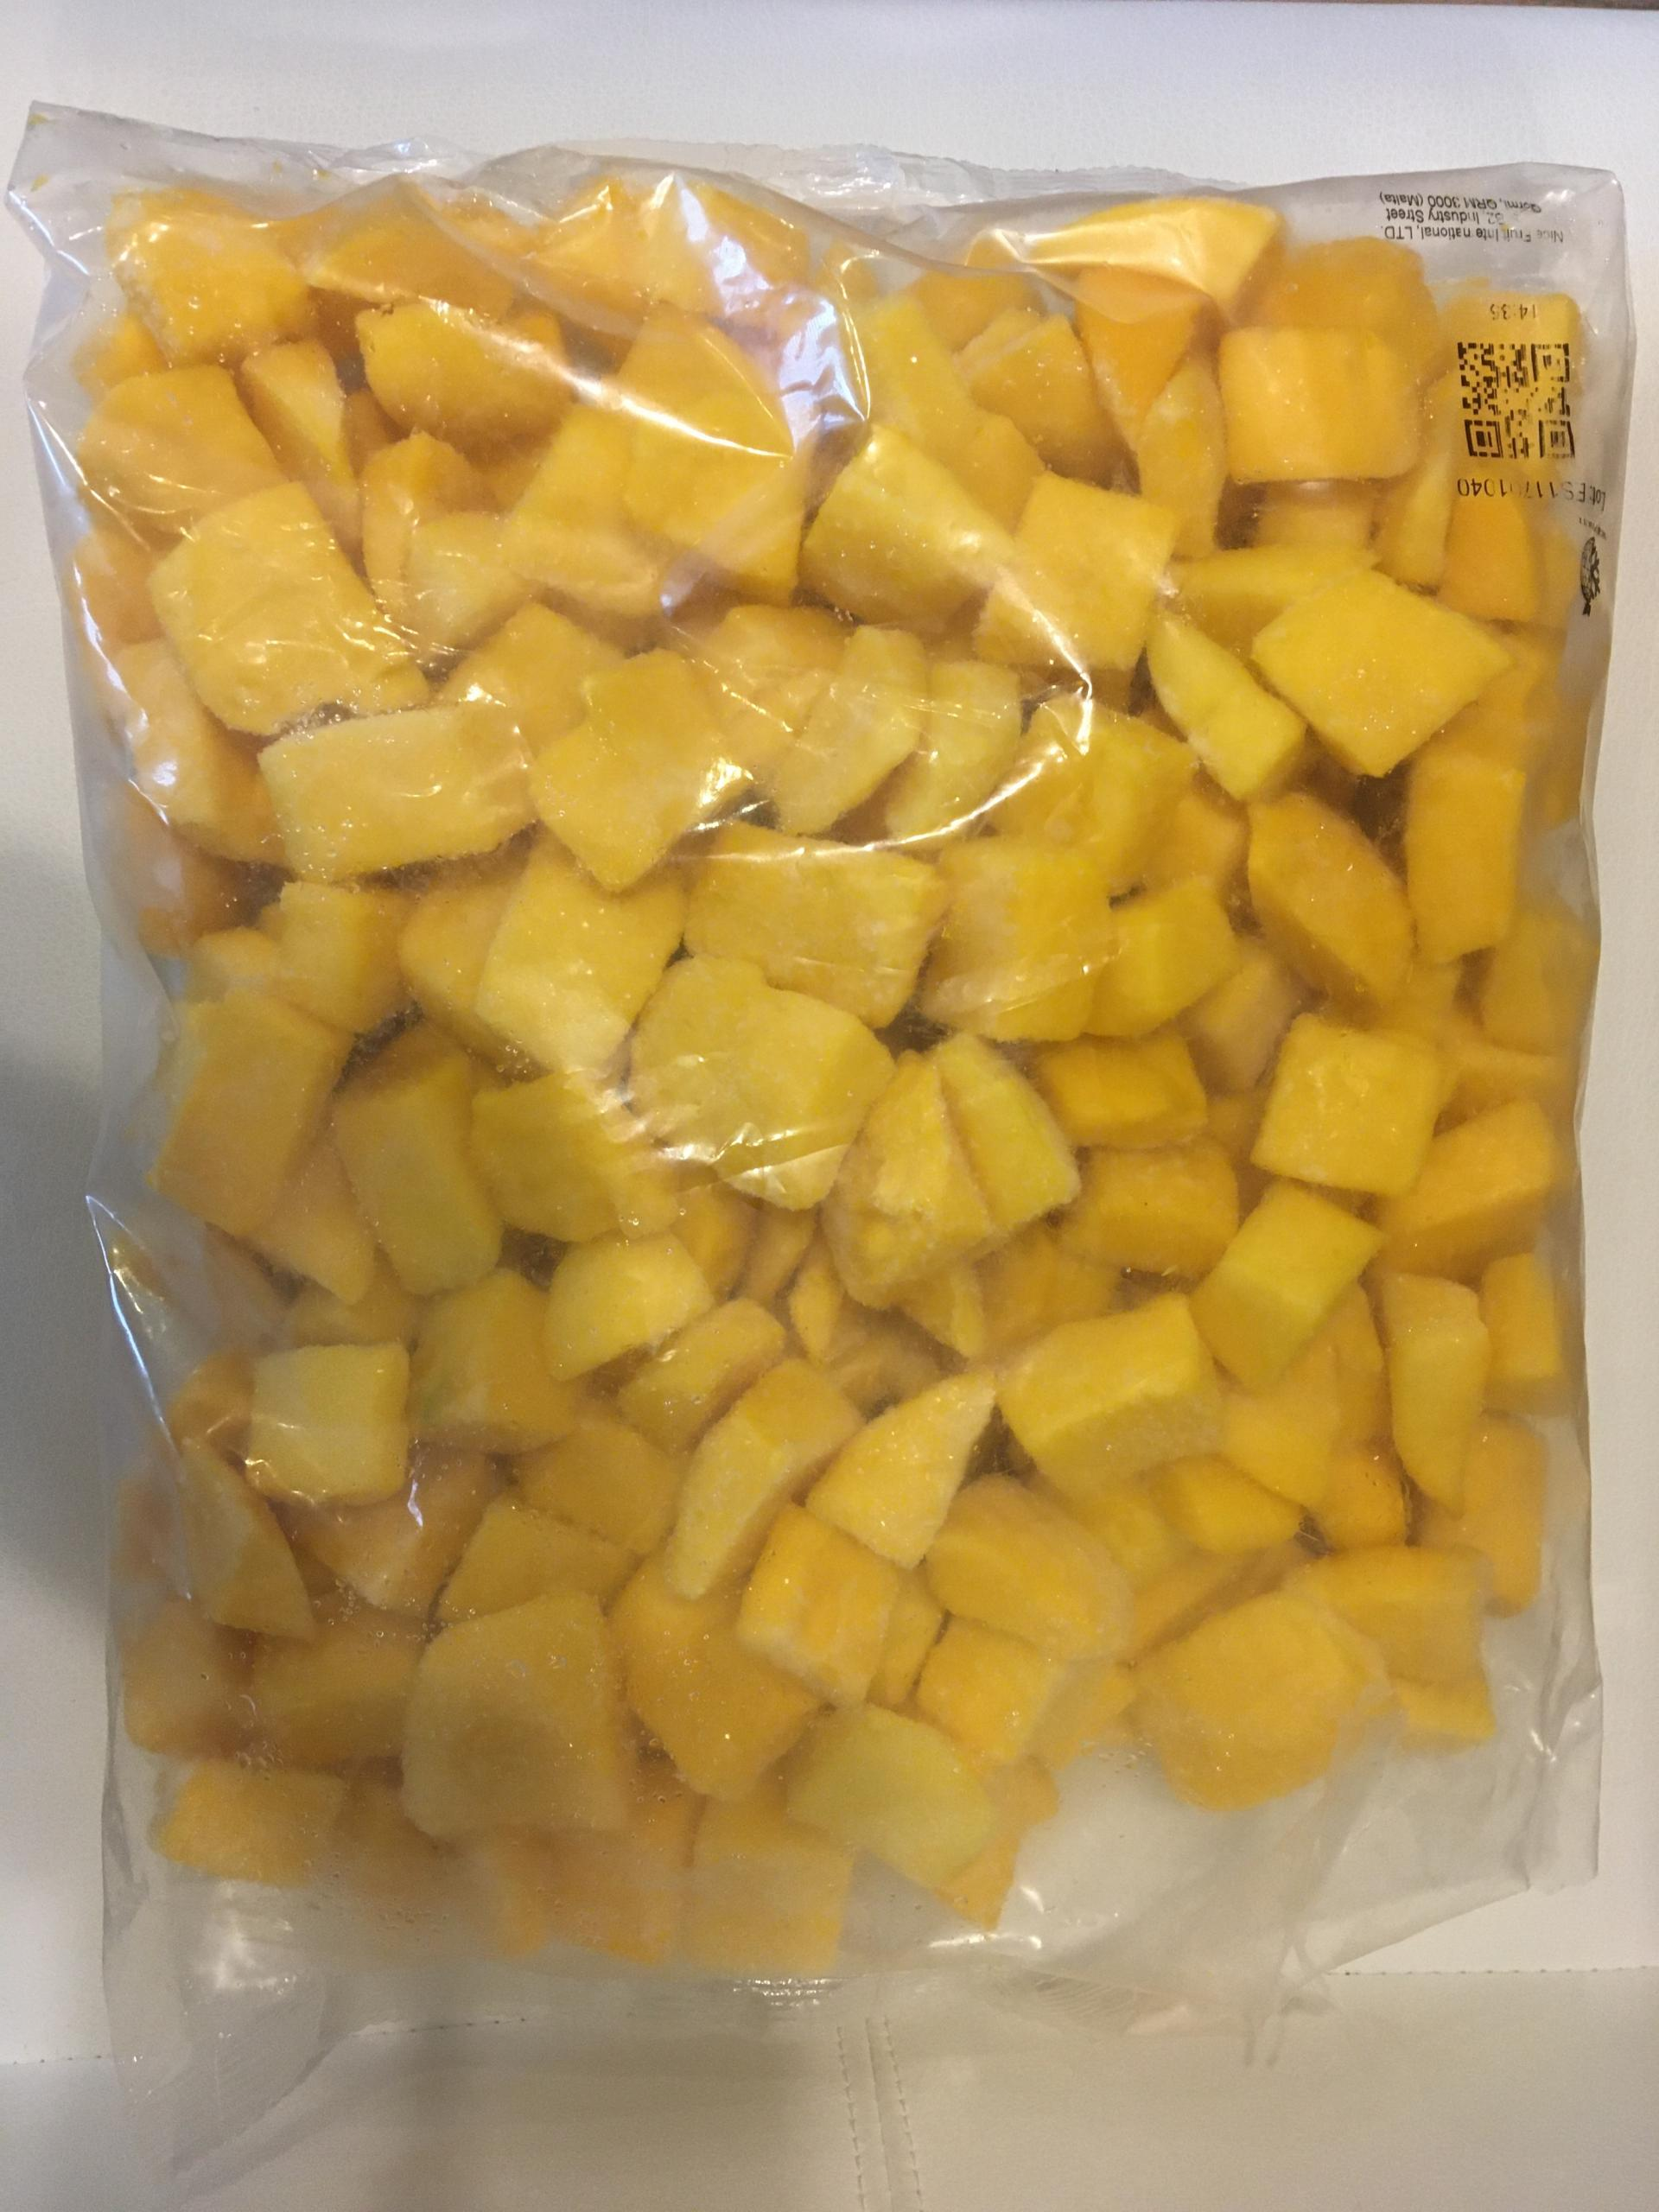 mrazene_ovoce_mango mražené, 4x2,5kg (1).jpg